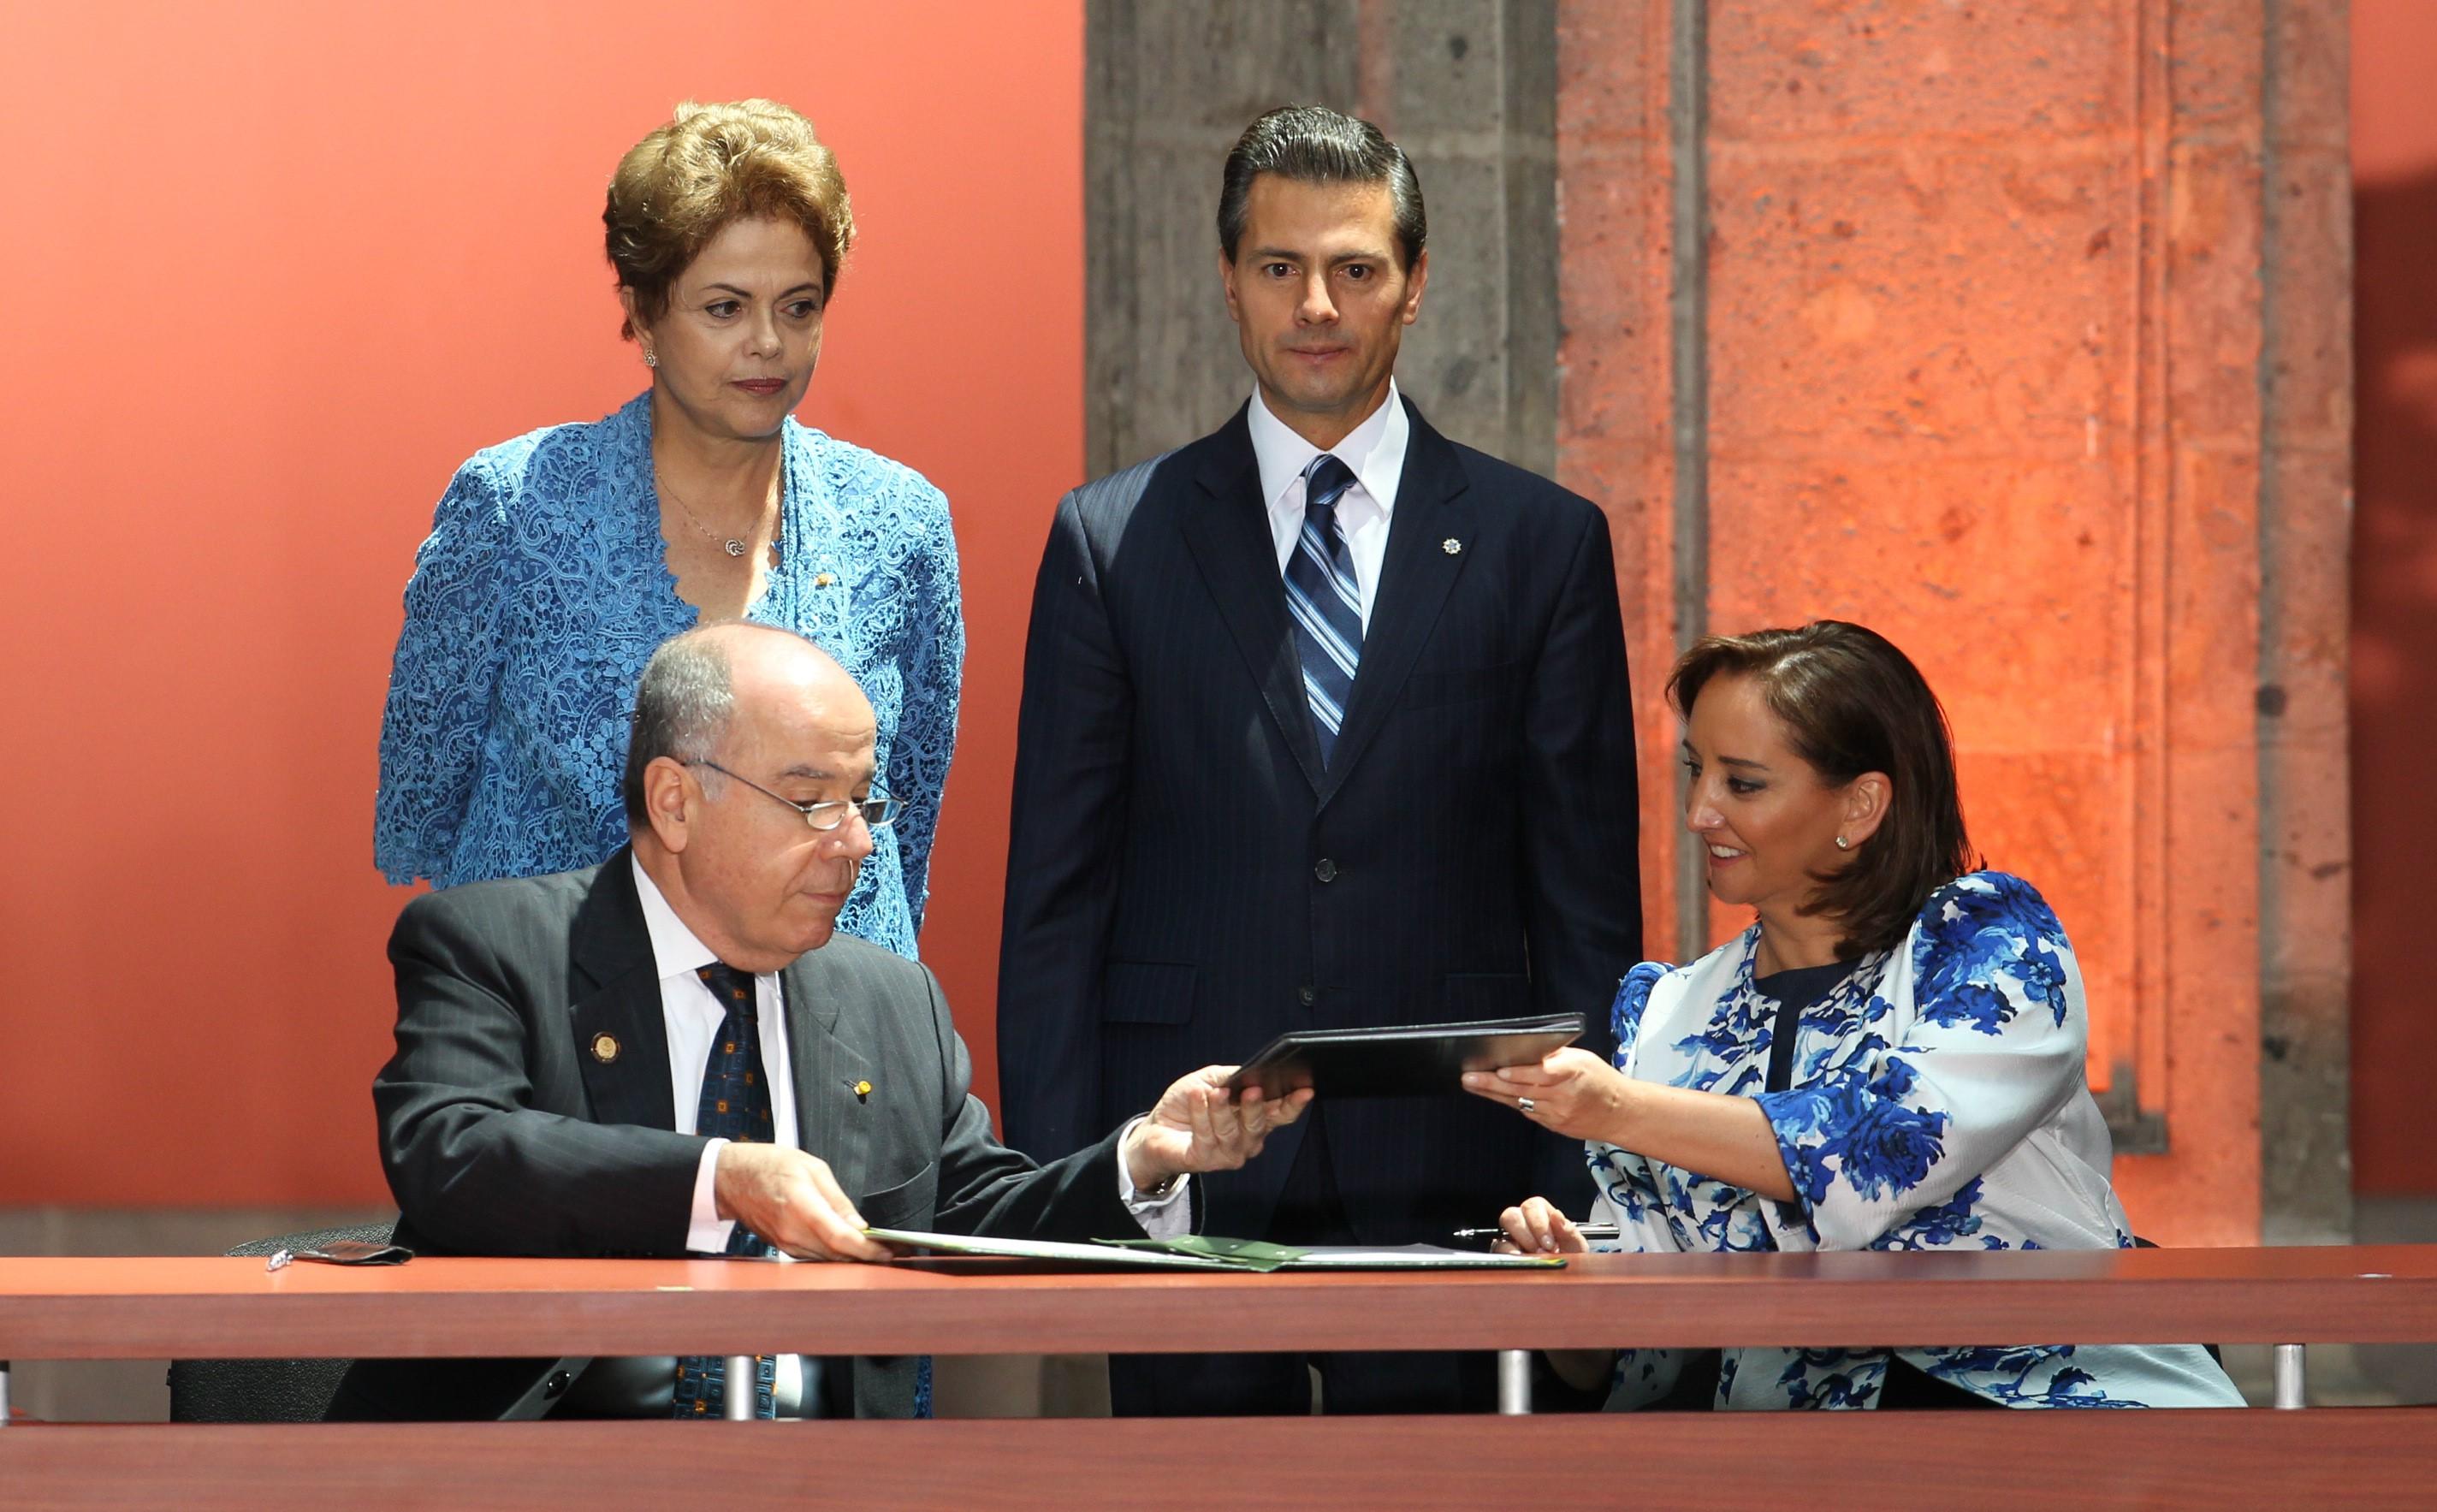 Claudia Ruiz Massieu, y el Ministerio de Turismo de Brasil Enrique Eduardo Alves, firmaron el Memorándum de Entendimiento en materia turística.